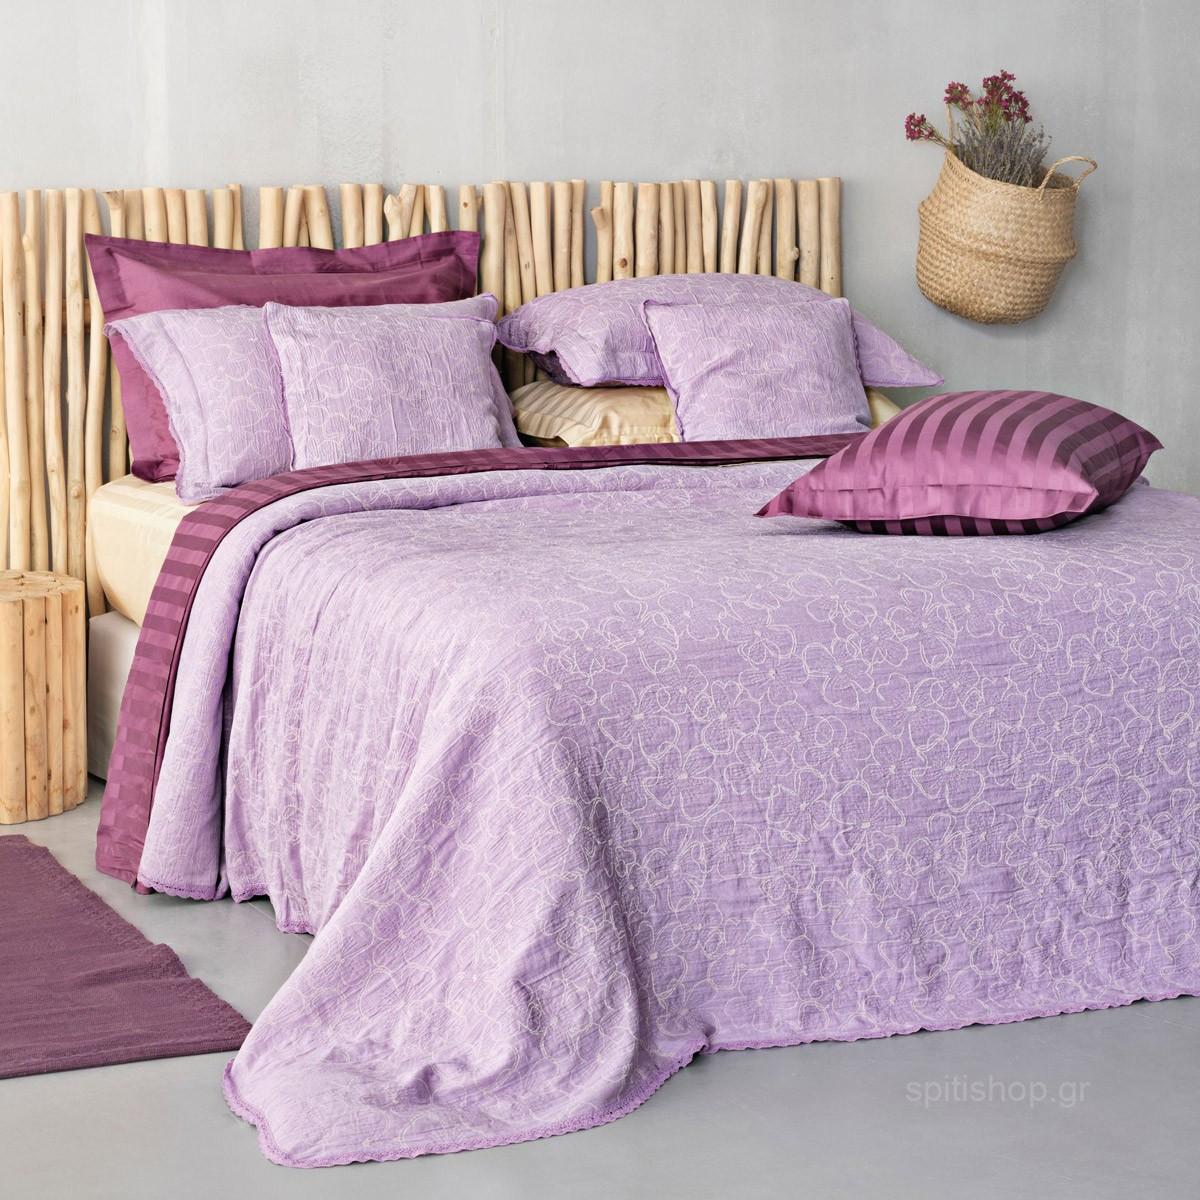 Κουβερτόριο Μονό Palamaiki Daily 1162 Purple home   κρεβατοκάμαρα   κουβέρτες   κουβέρτες καλοκαιρινές μονές